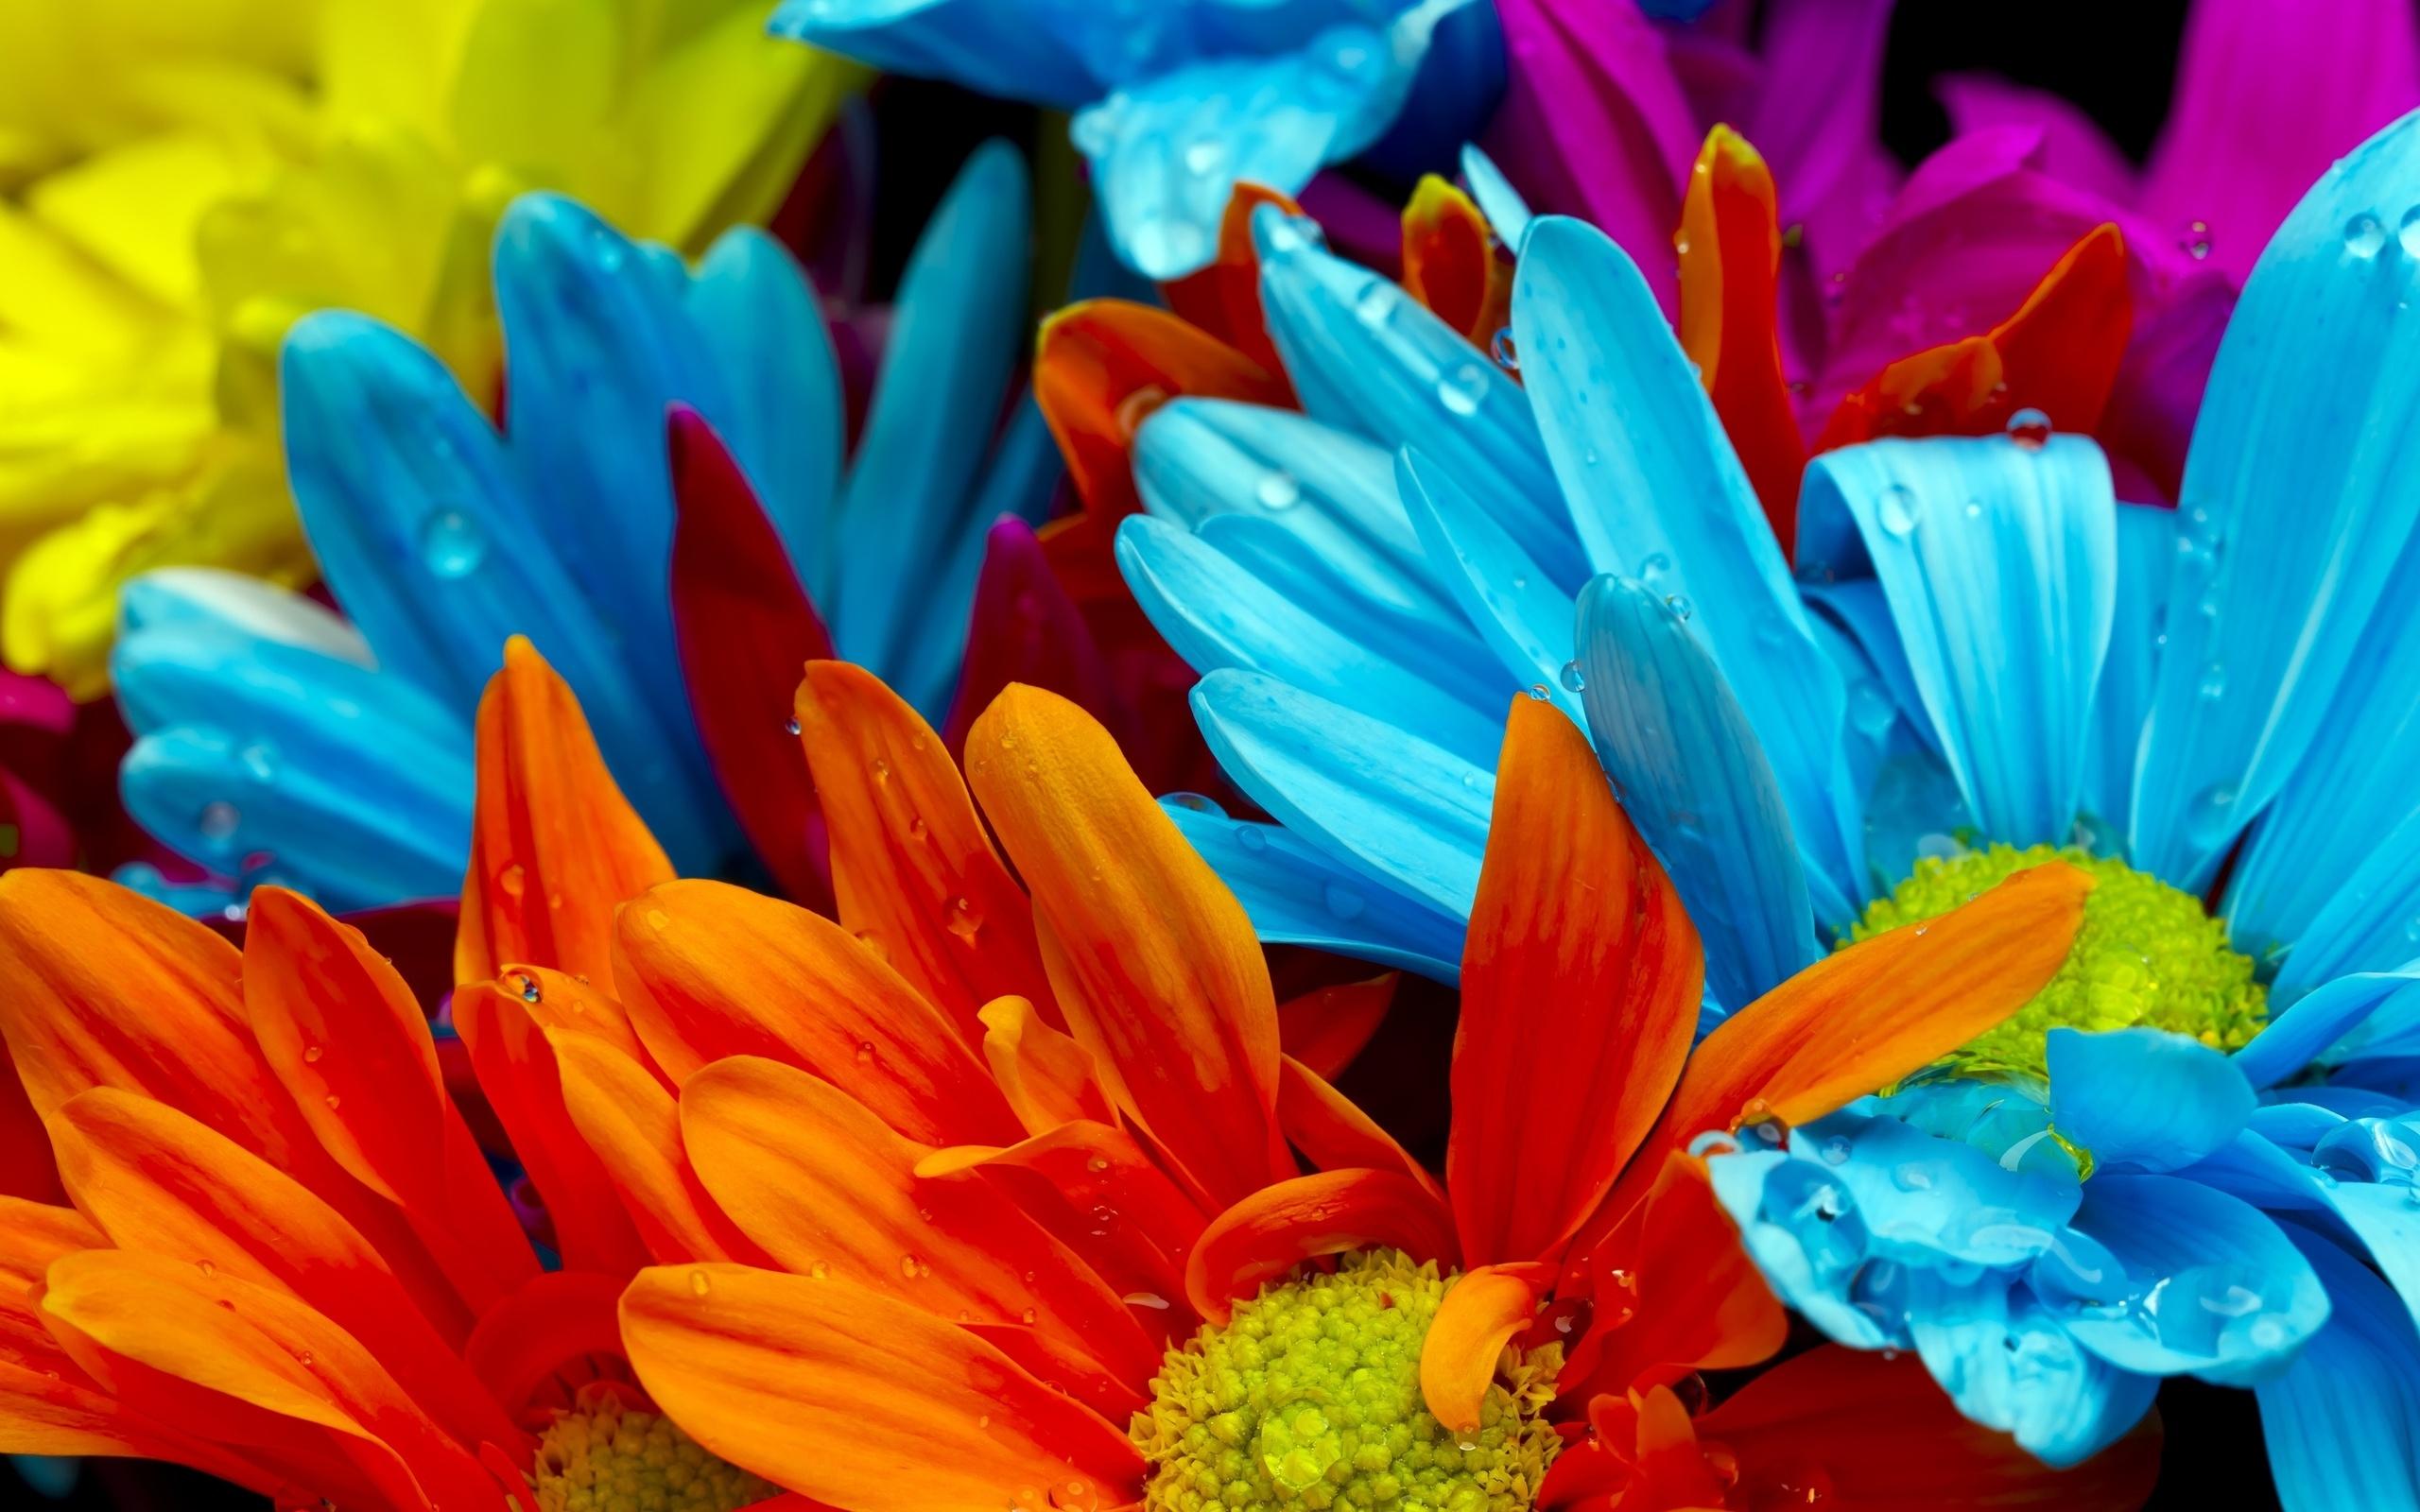 Картинки с цветами большого разрешения